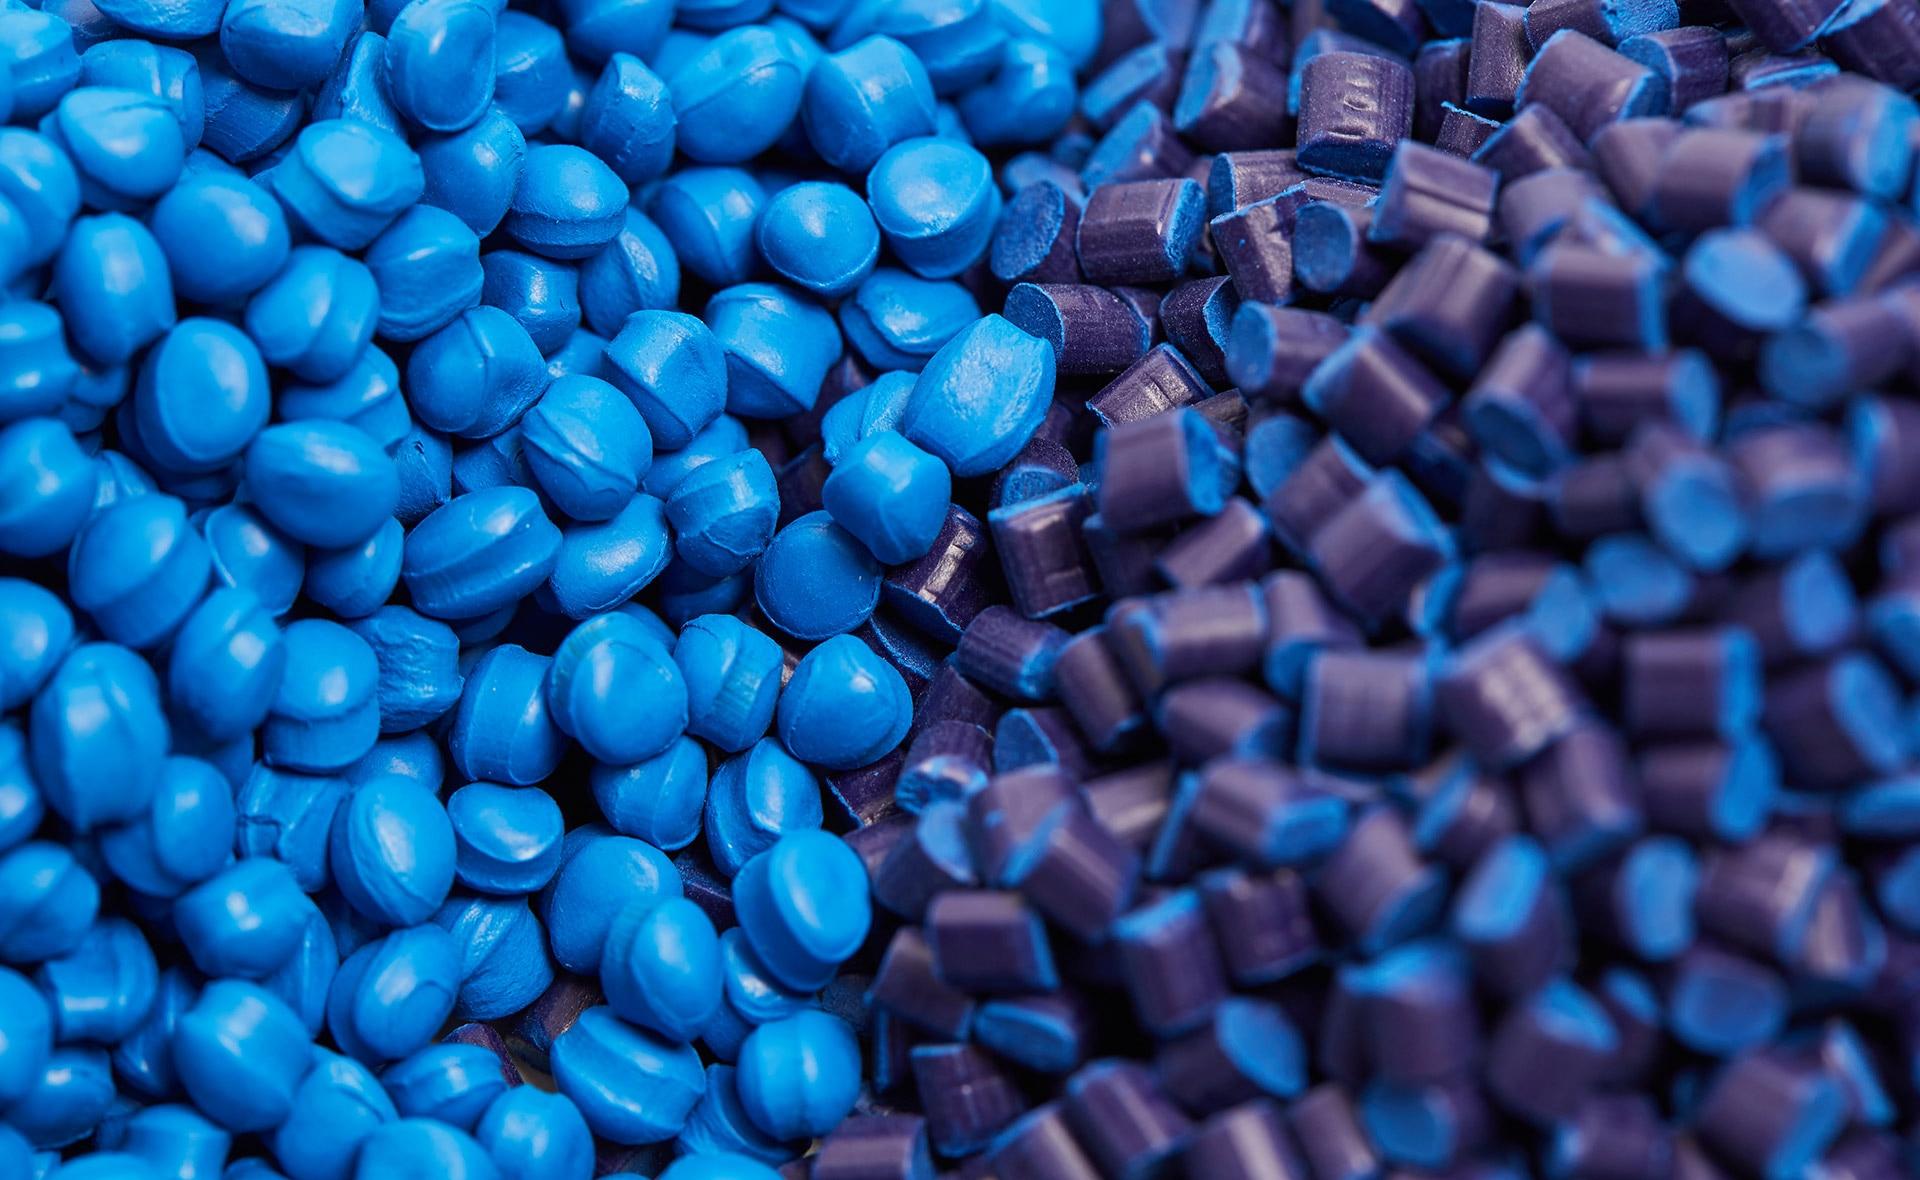 BBVA-reciclado-plastico-apertura-contaminacion-ayuda-medioambiente-cuidado-planeta-solucion